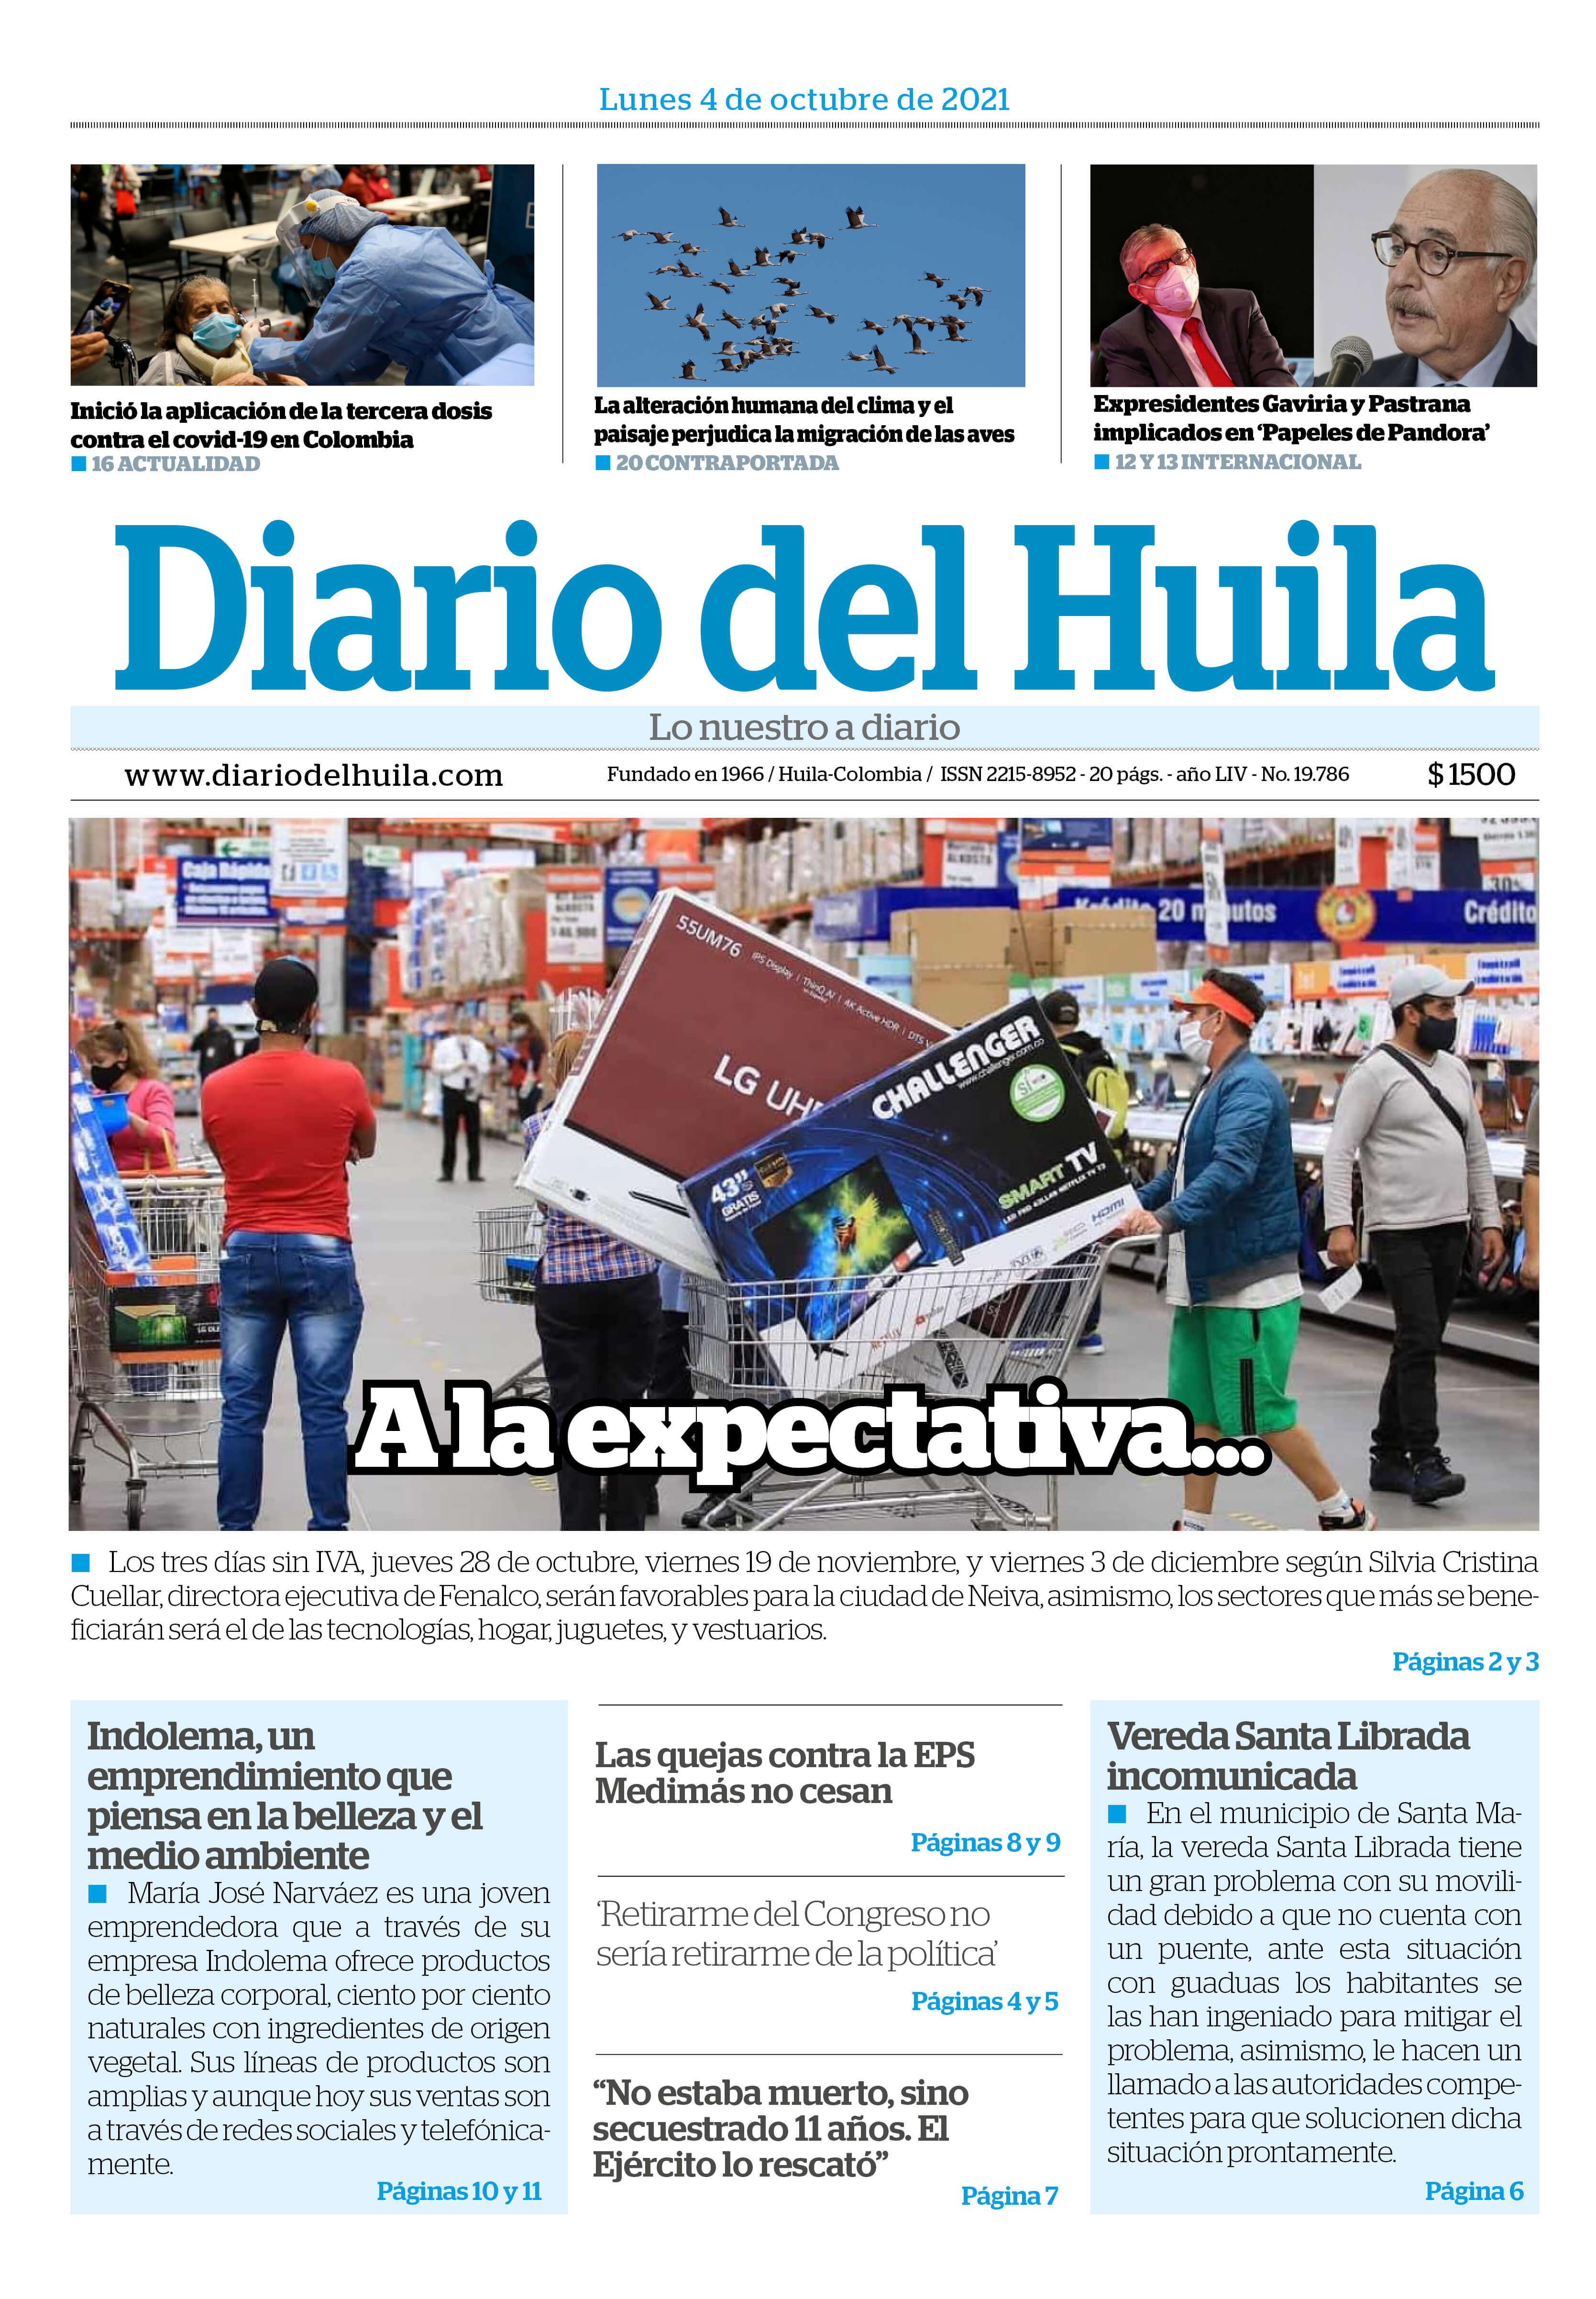 Diario del Huila 04 de octubre de 2021